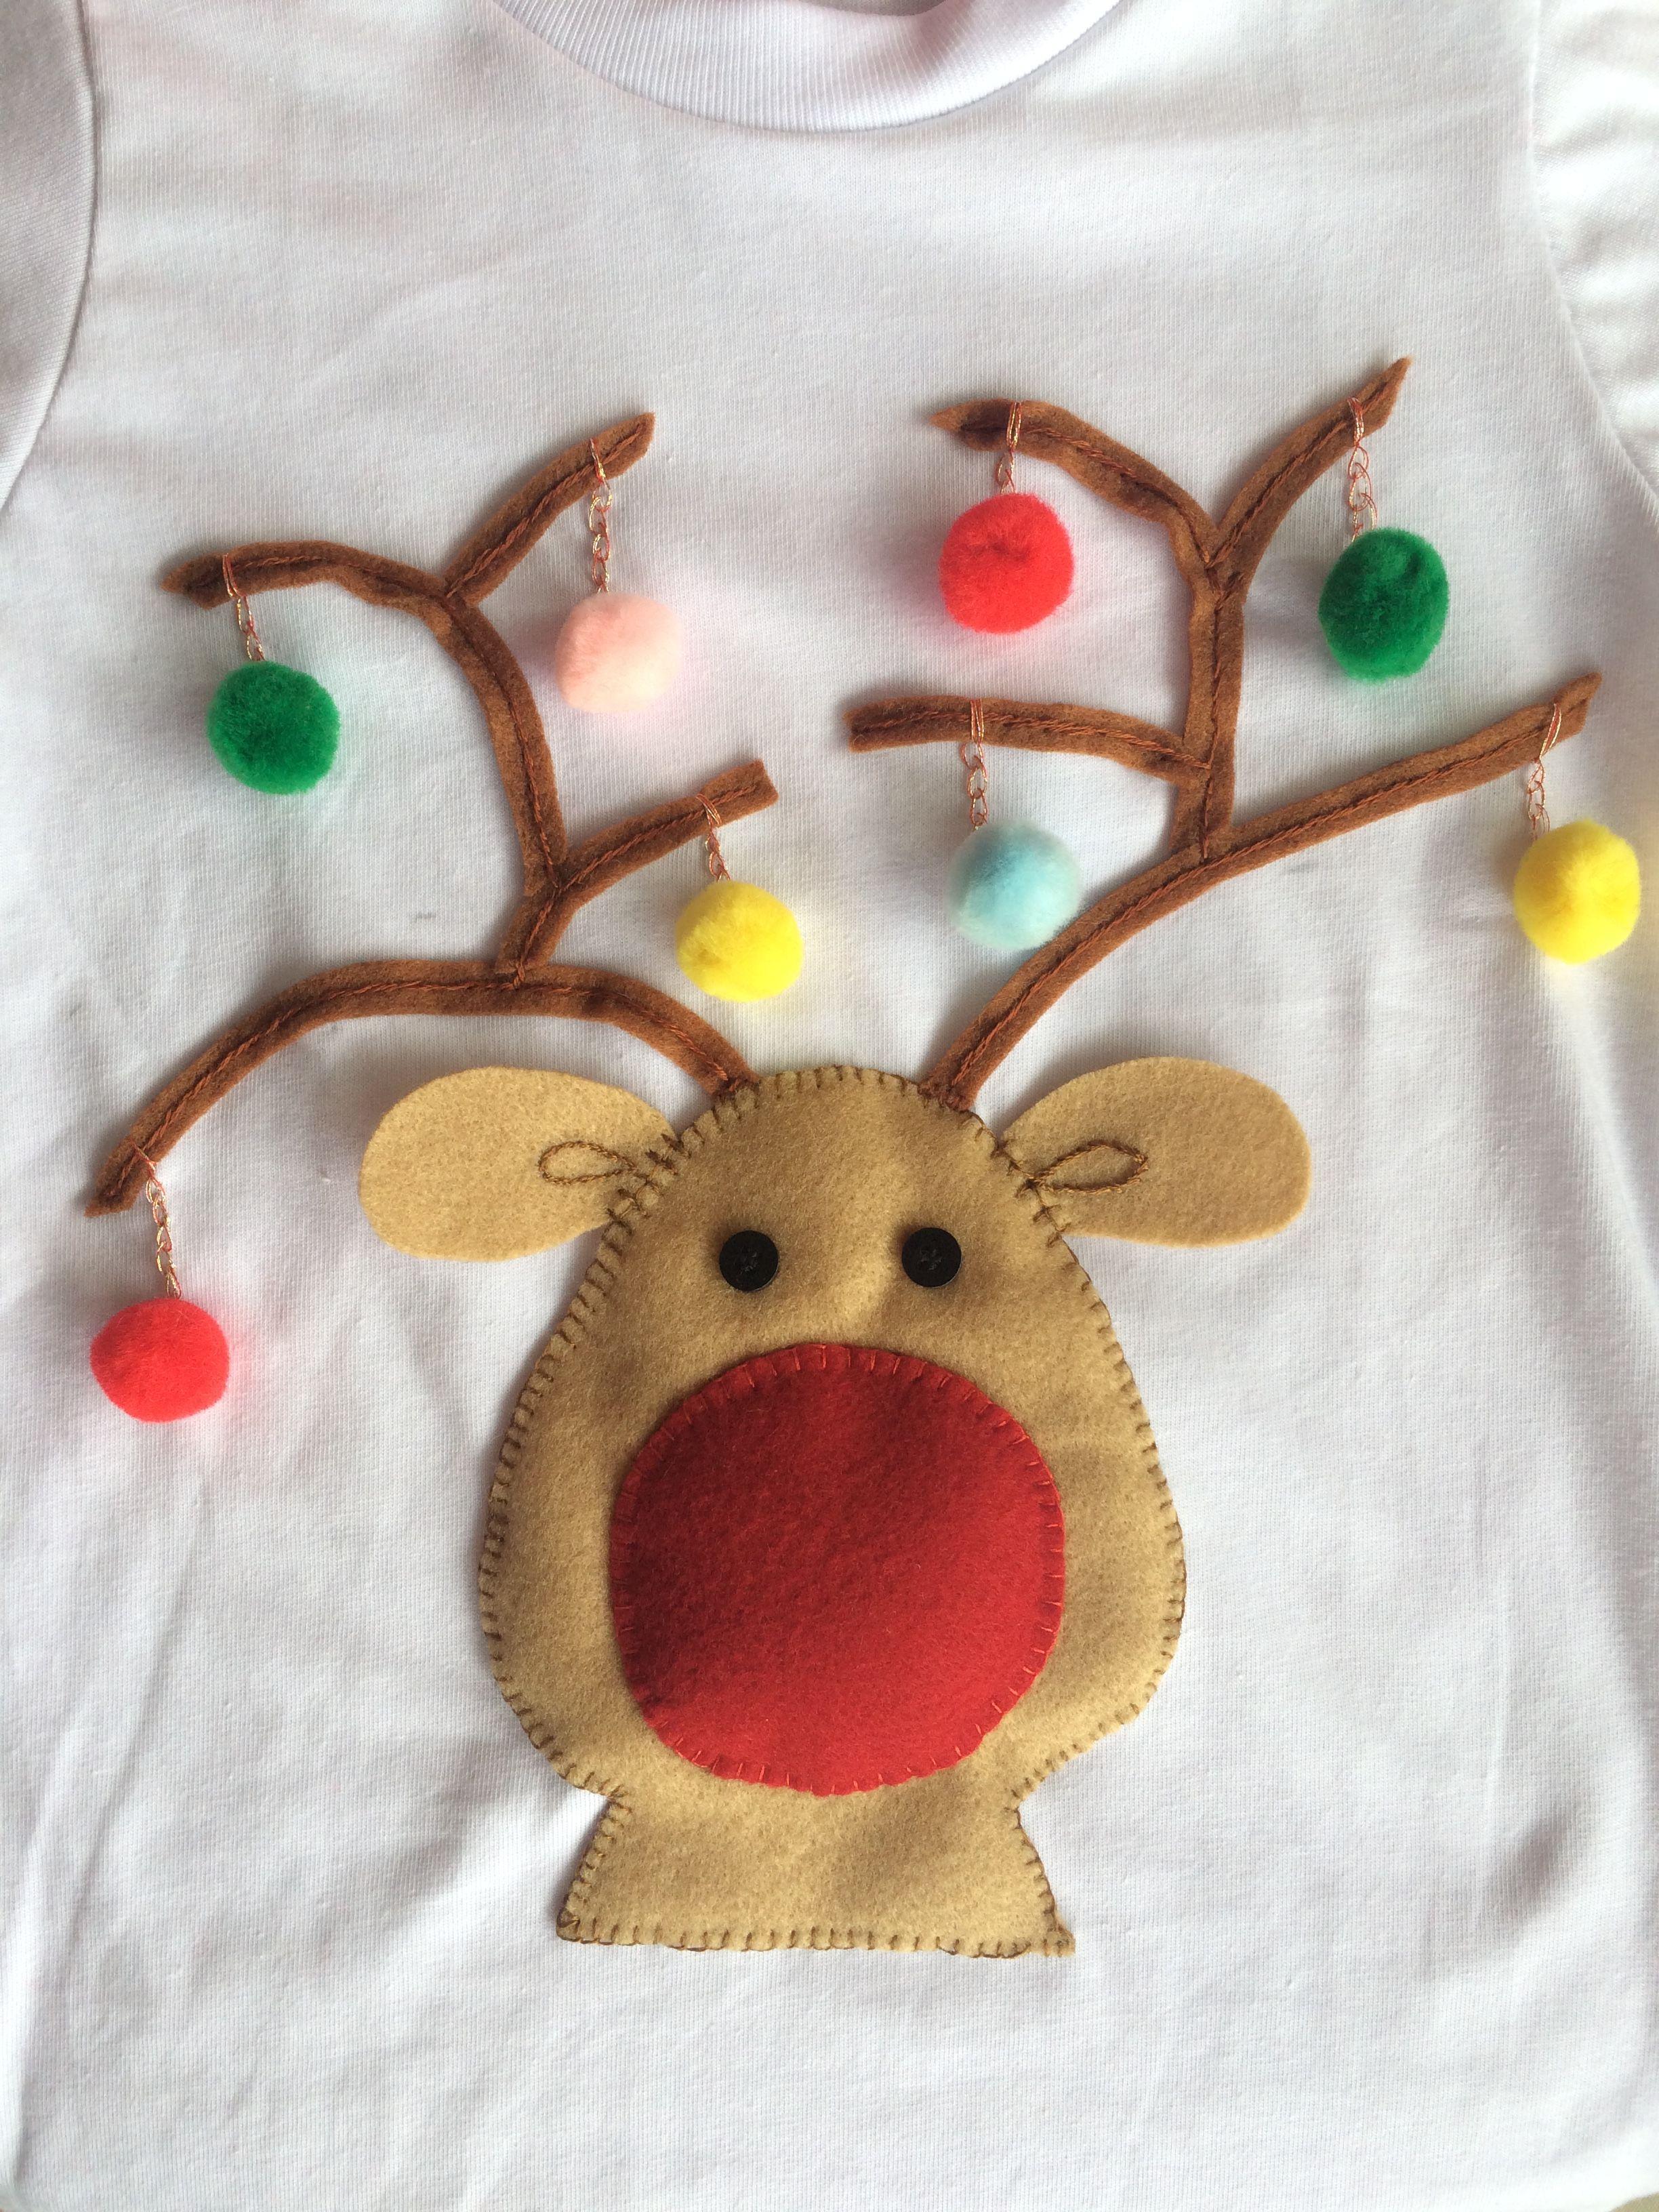 Hecha Con Fieltro Y Pompones Bordado A Mano Nariz Con Sutil Relleno Navidad Rudolph Camisas De Navidad Suéteres De Navidad Costura De Navidad